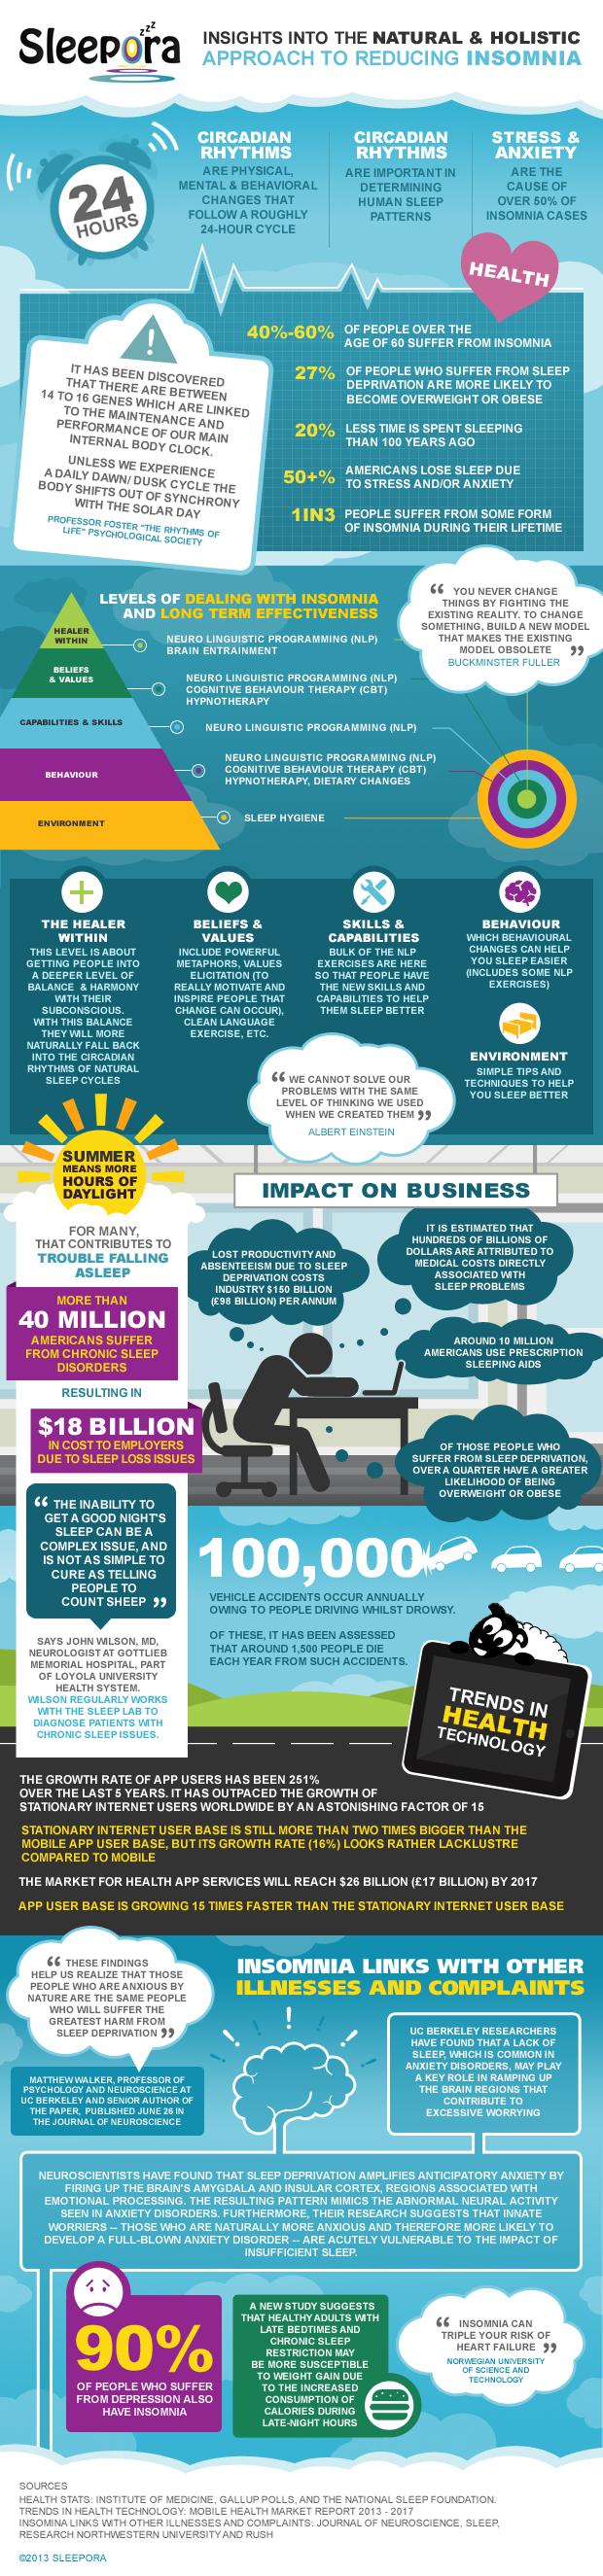 Sleepora Infographic